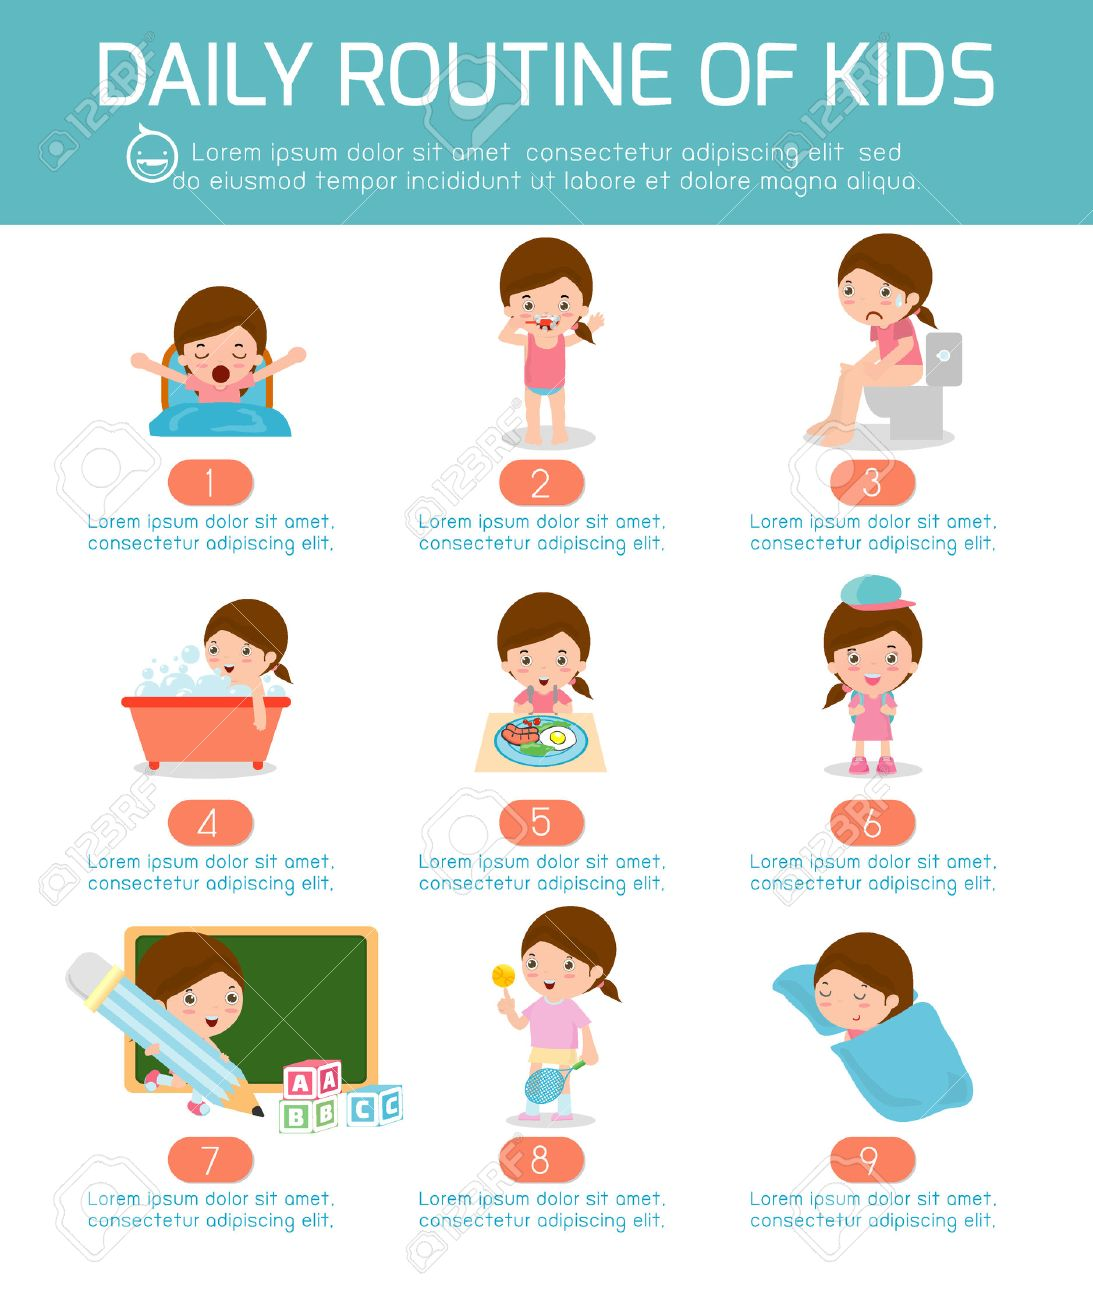 foto de archivo la rutina diaria la rutina diaria de los nios felices elemento de infografa la salud y la higiene las rutinas diarias para los nios